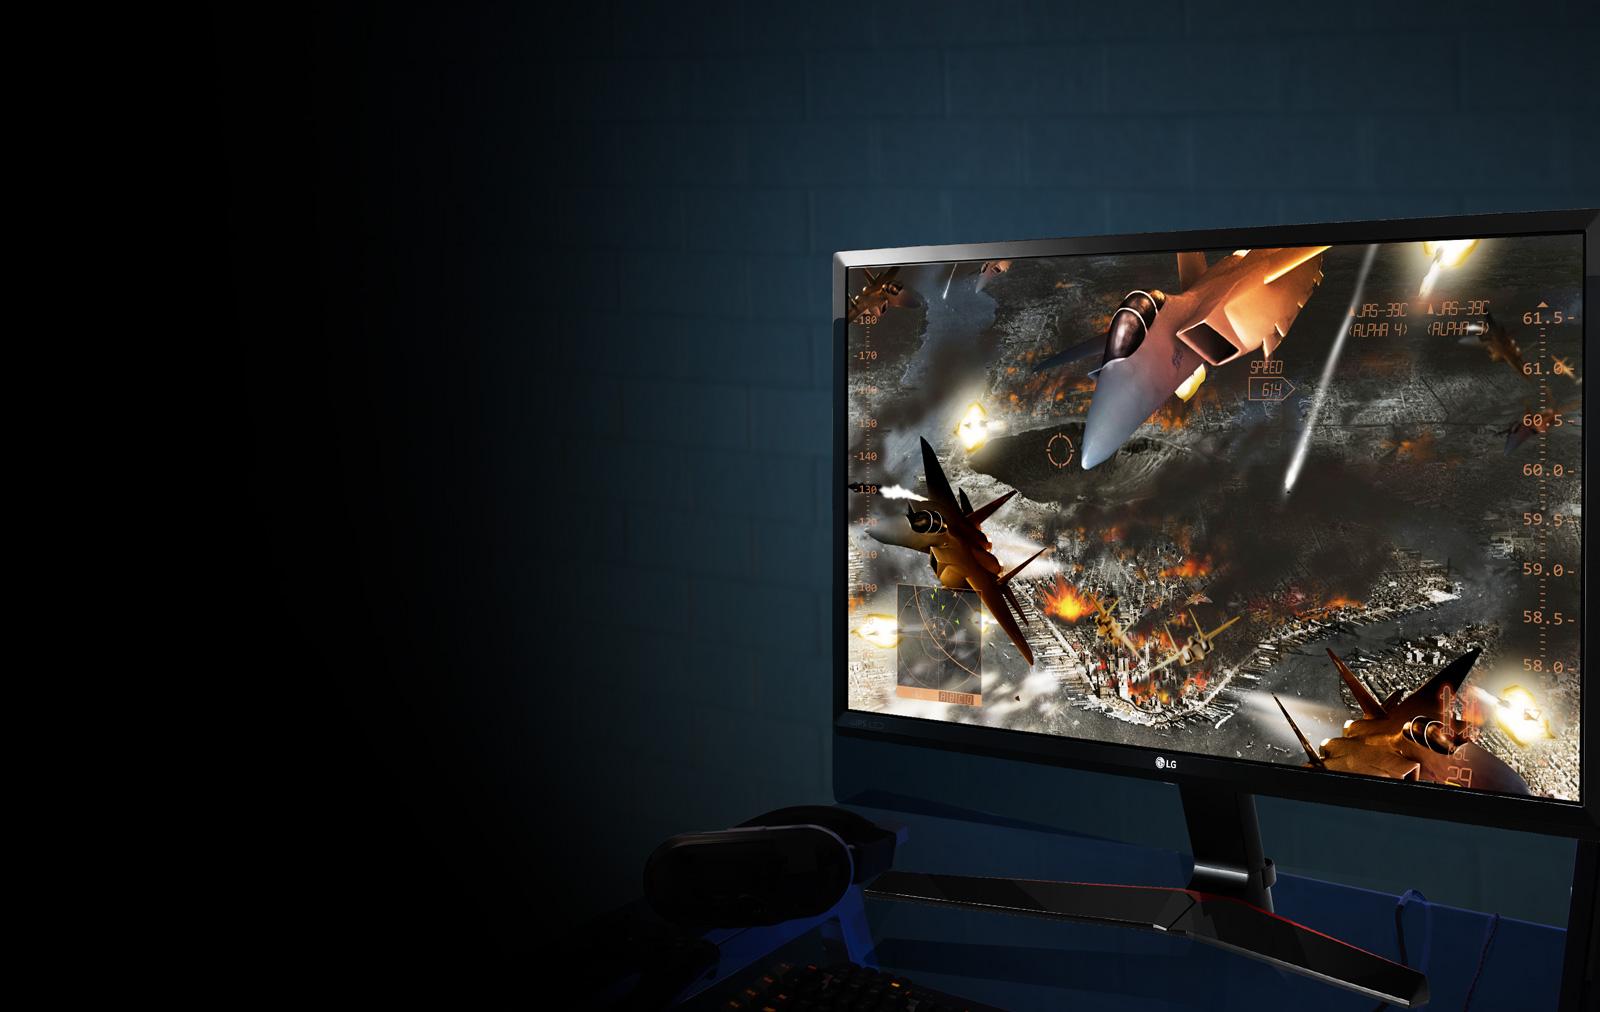 مانیتور ال جی Monitor Gaming IPS LG 27MP59G-P - سایز 27 اینچ